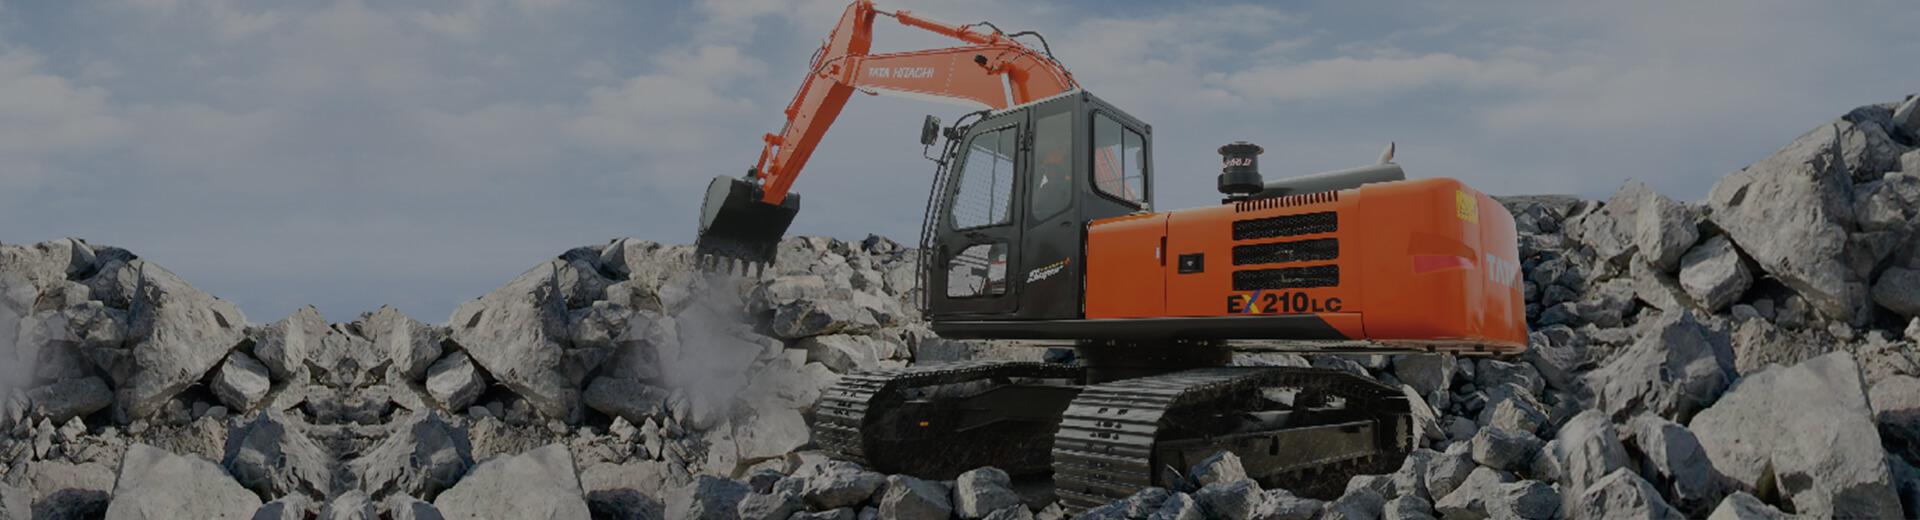 EX 210 Construction Excavator